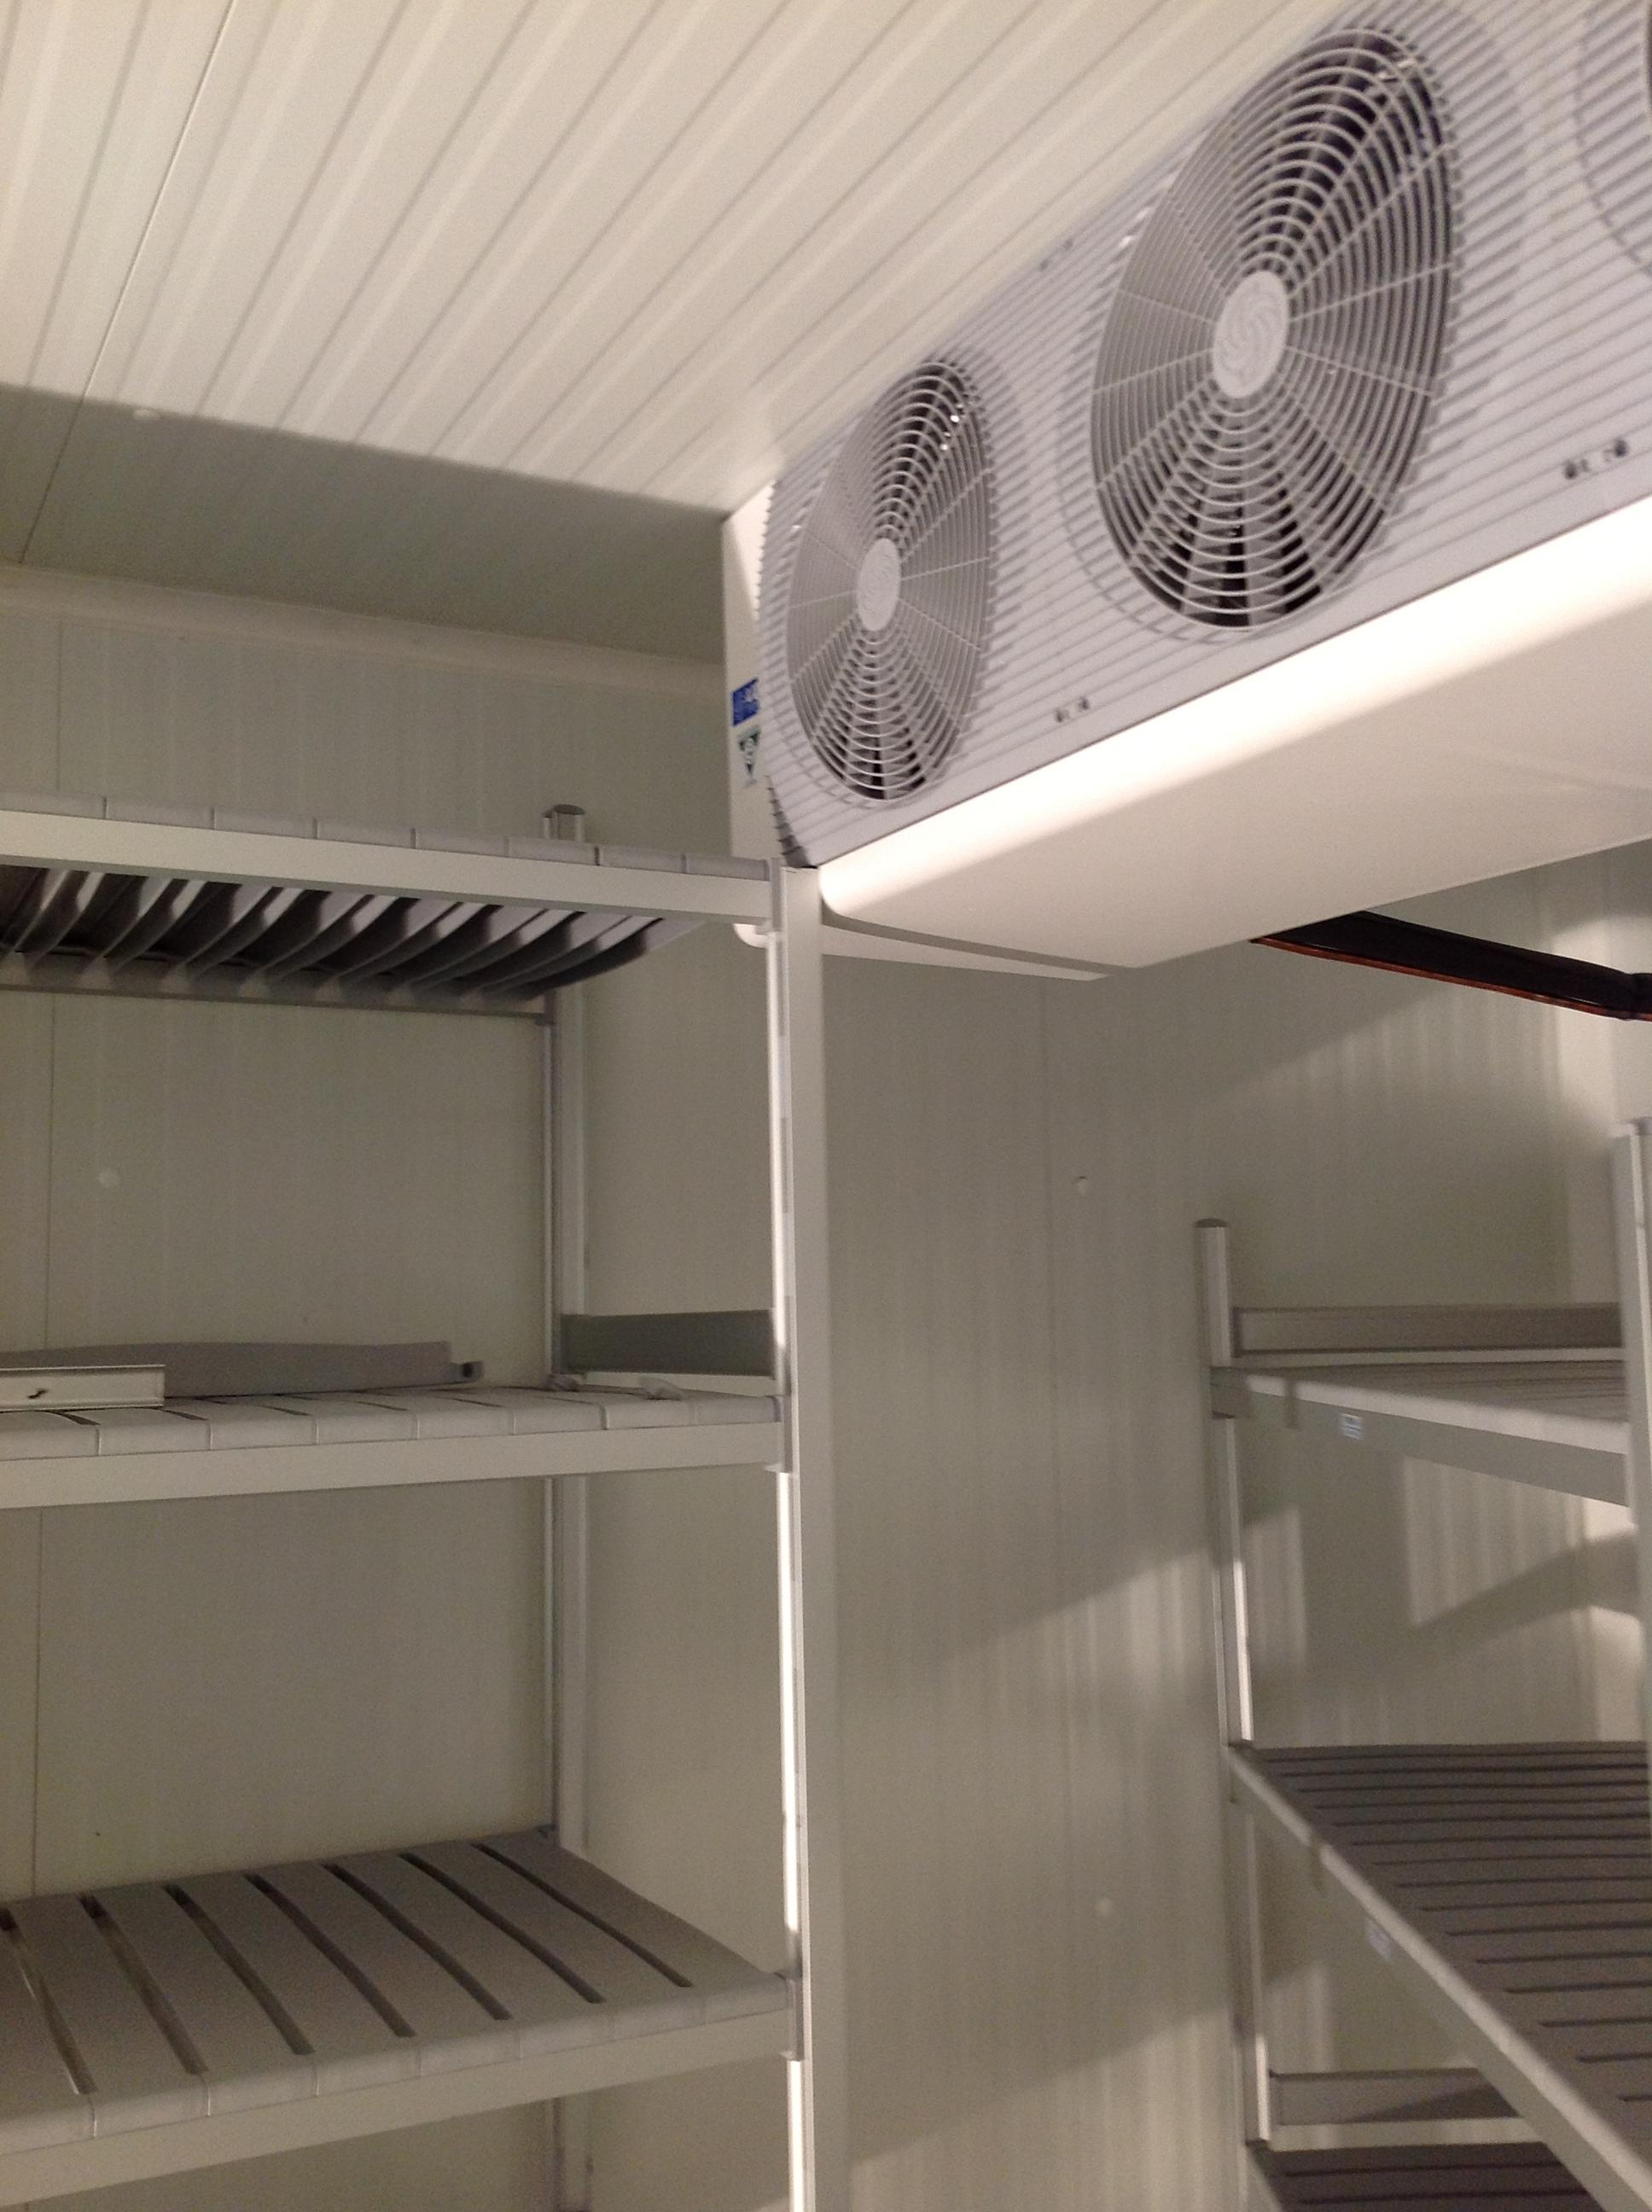 Dettaglio scaffalature ed evaporatore interni alla cella